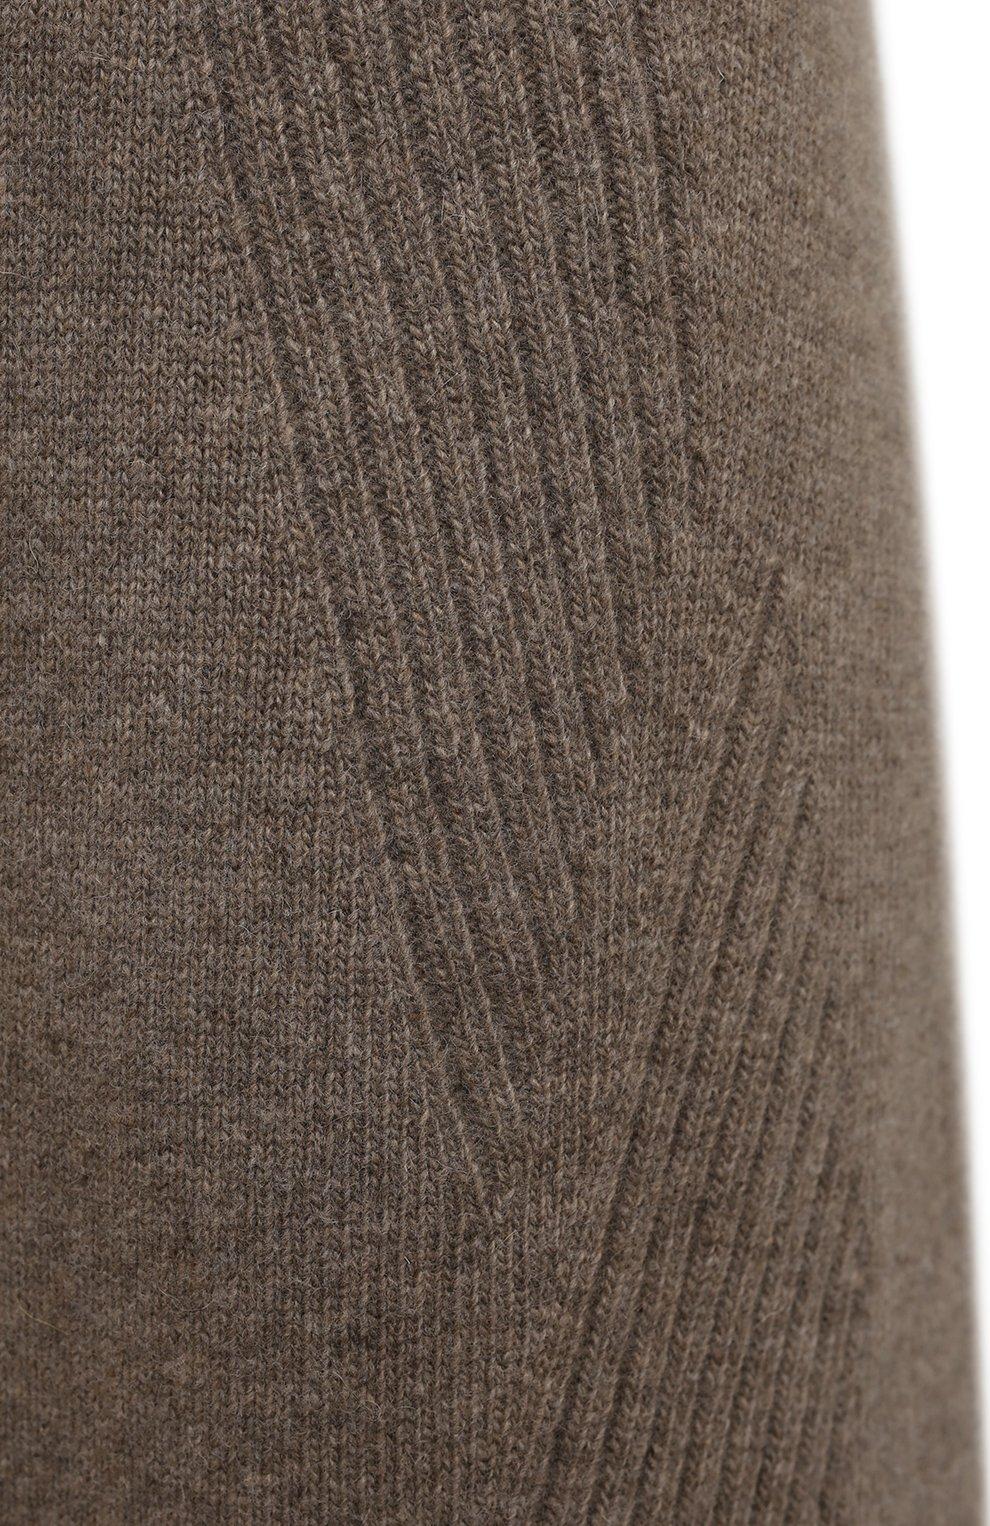 Женская юбка из шерсти и кашемира LOW CLASSIC бежевого цвета, арт. L0W21FW_KN05LK   Фото 5 (Материал внешний: Шерсть; Кросс-КТ: Трикотаж; Женское Кросс-КТ: Юбка-одежда; Длина Ж (юбки, платья, шорты): Миди; Стили: Кэжуэл)